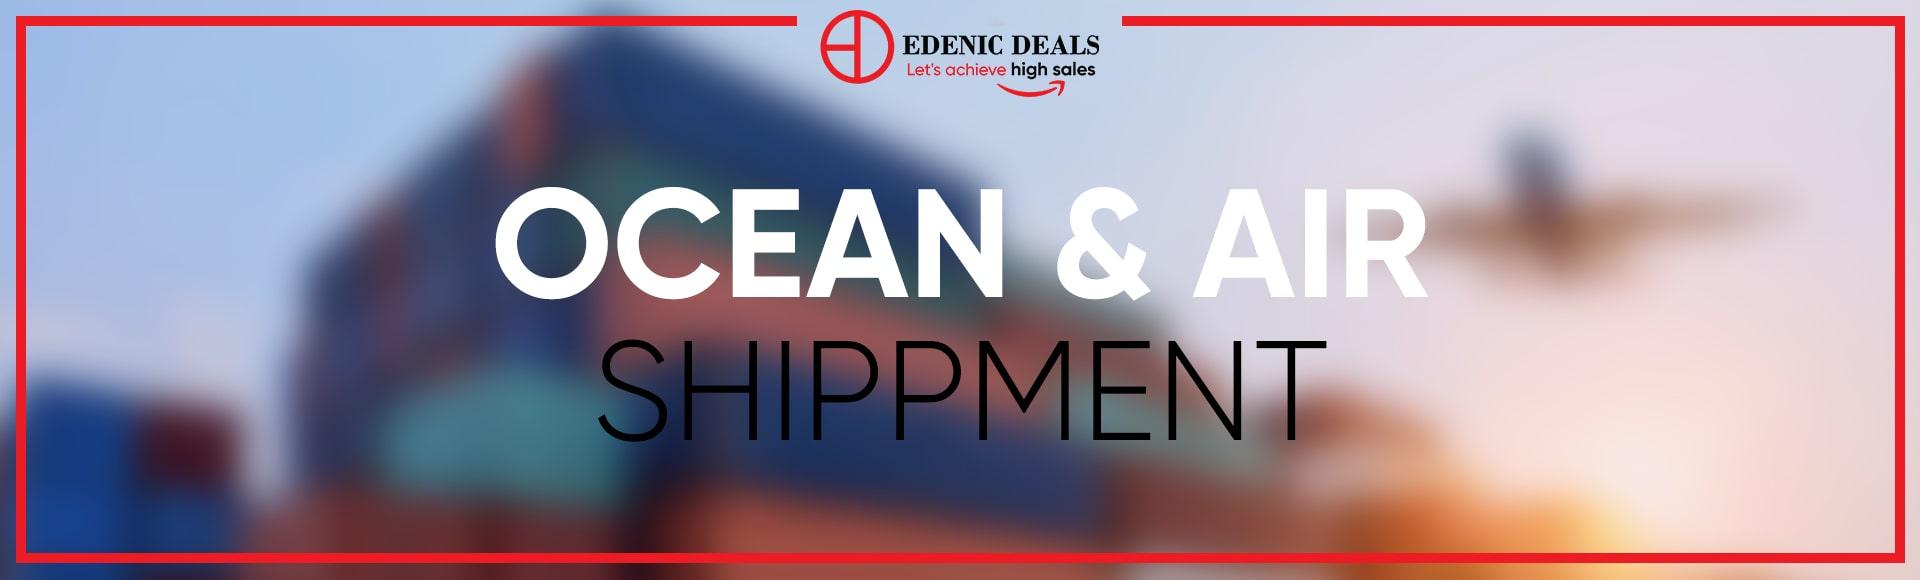 Edenic Deals ocean and air shipment